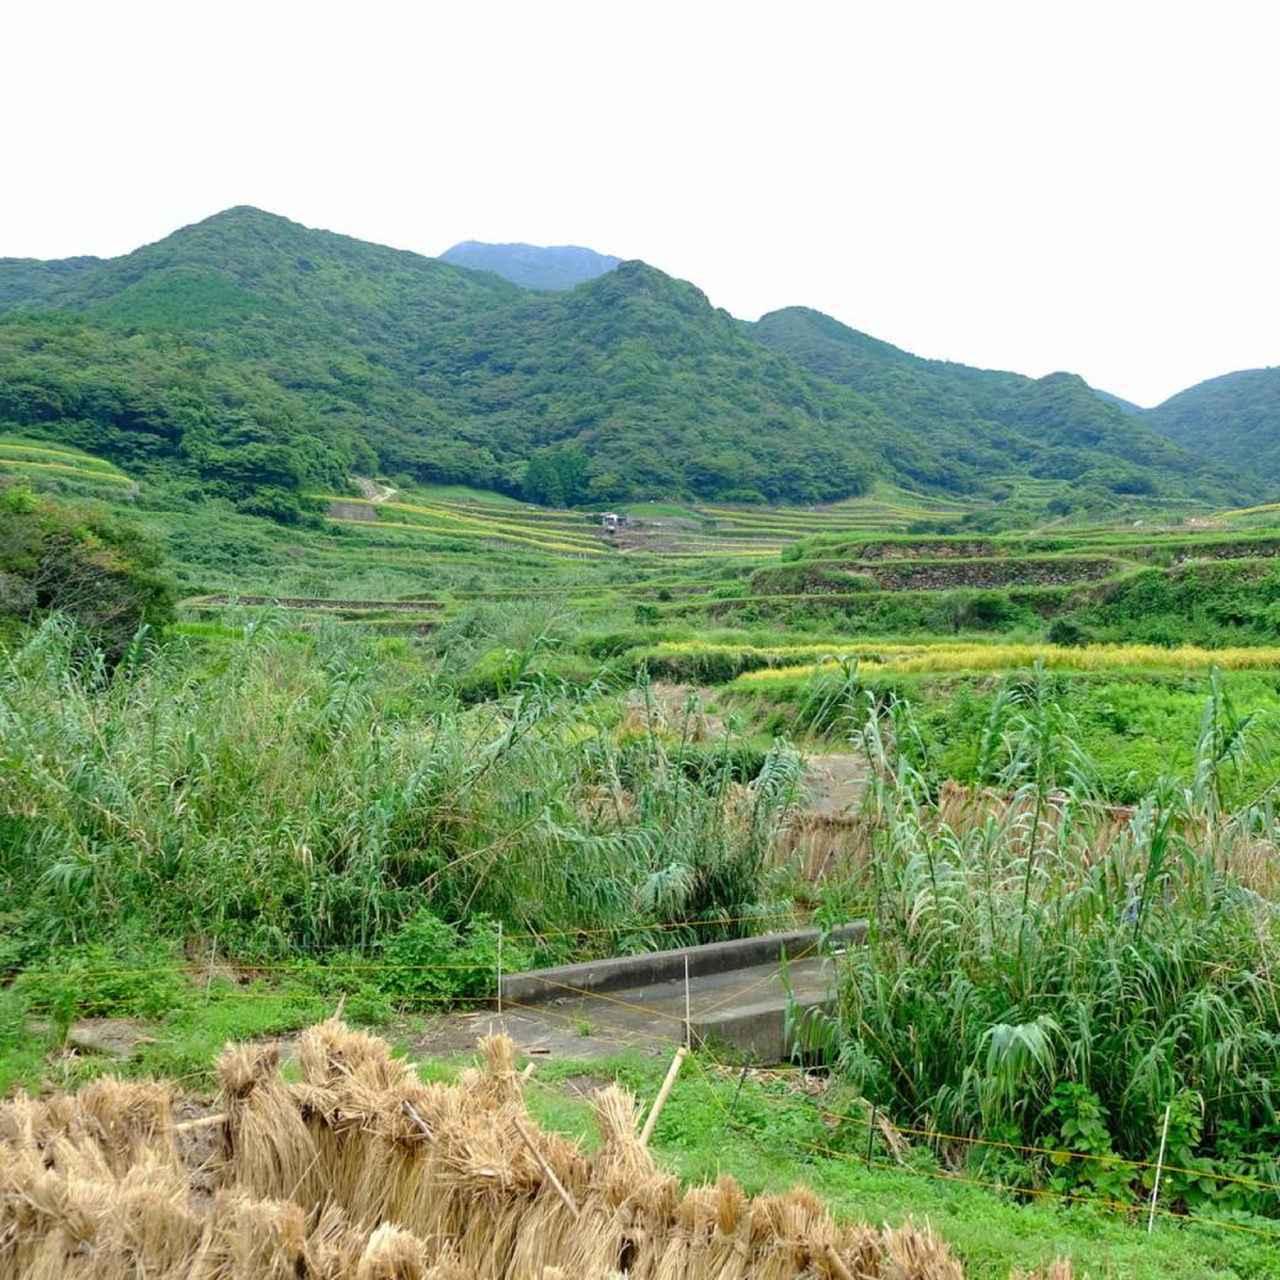 画像: あまりにものどかで日本のどこにでもありそうな里山の景色と、江戸時代に起こった数々の悲しい殉教の歴史とがどうしても頭の中でリンクせず…。彼らが自分たちの信じるものを必死に守り抜き、それを伝えた250年間。聞けば聞くほど難しく、そしてもっと色々お話を伺いたかったです。